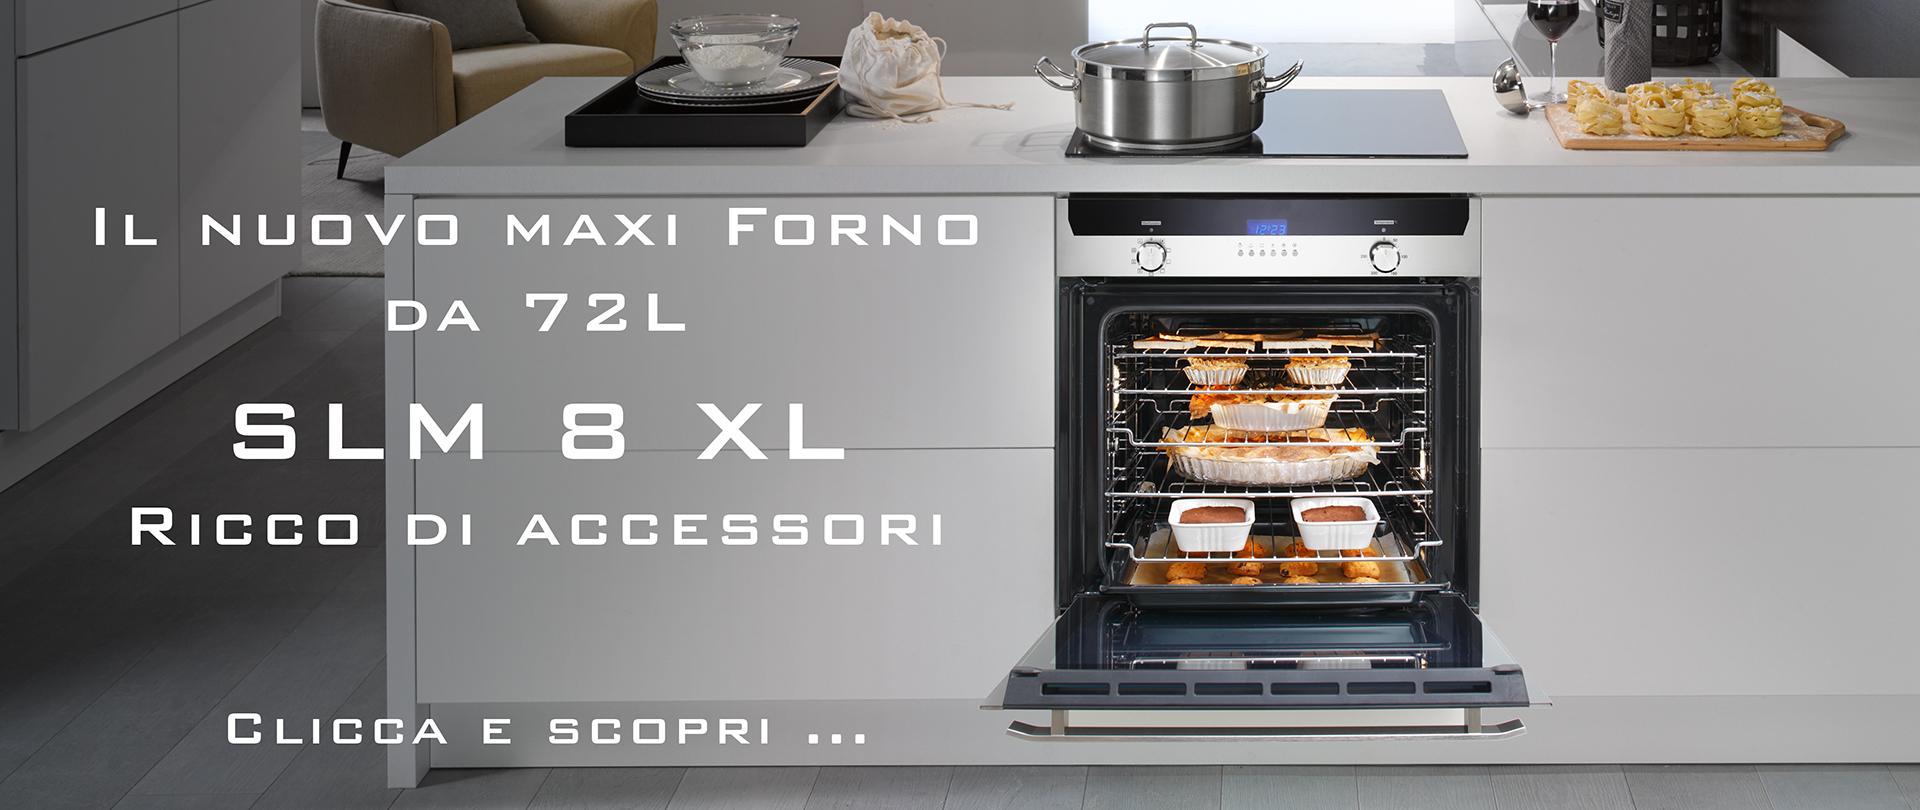 Il nuovo forno SLM 8 XL dalla Maxi cavità e super accessoriato